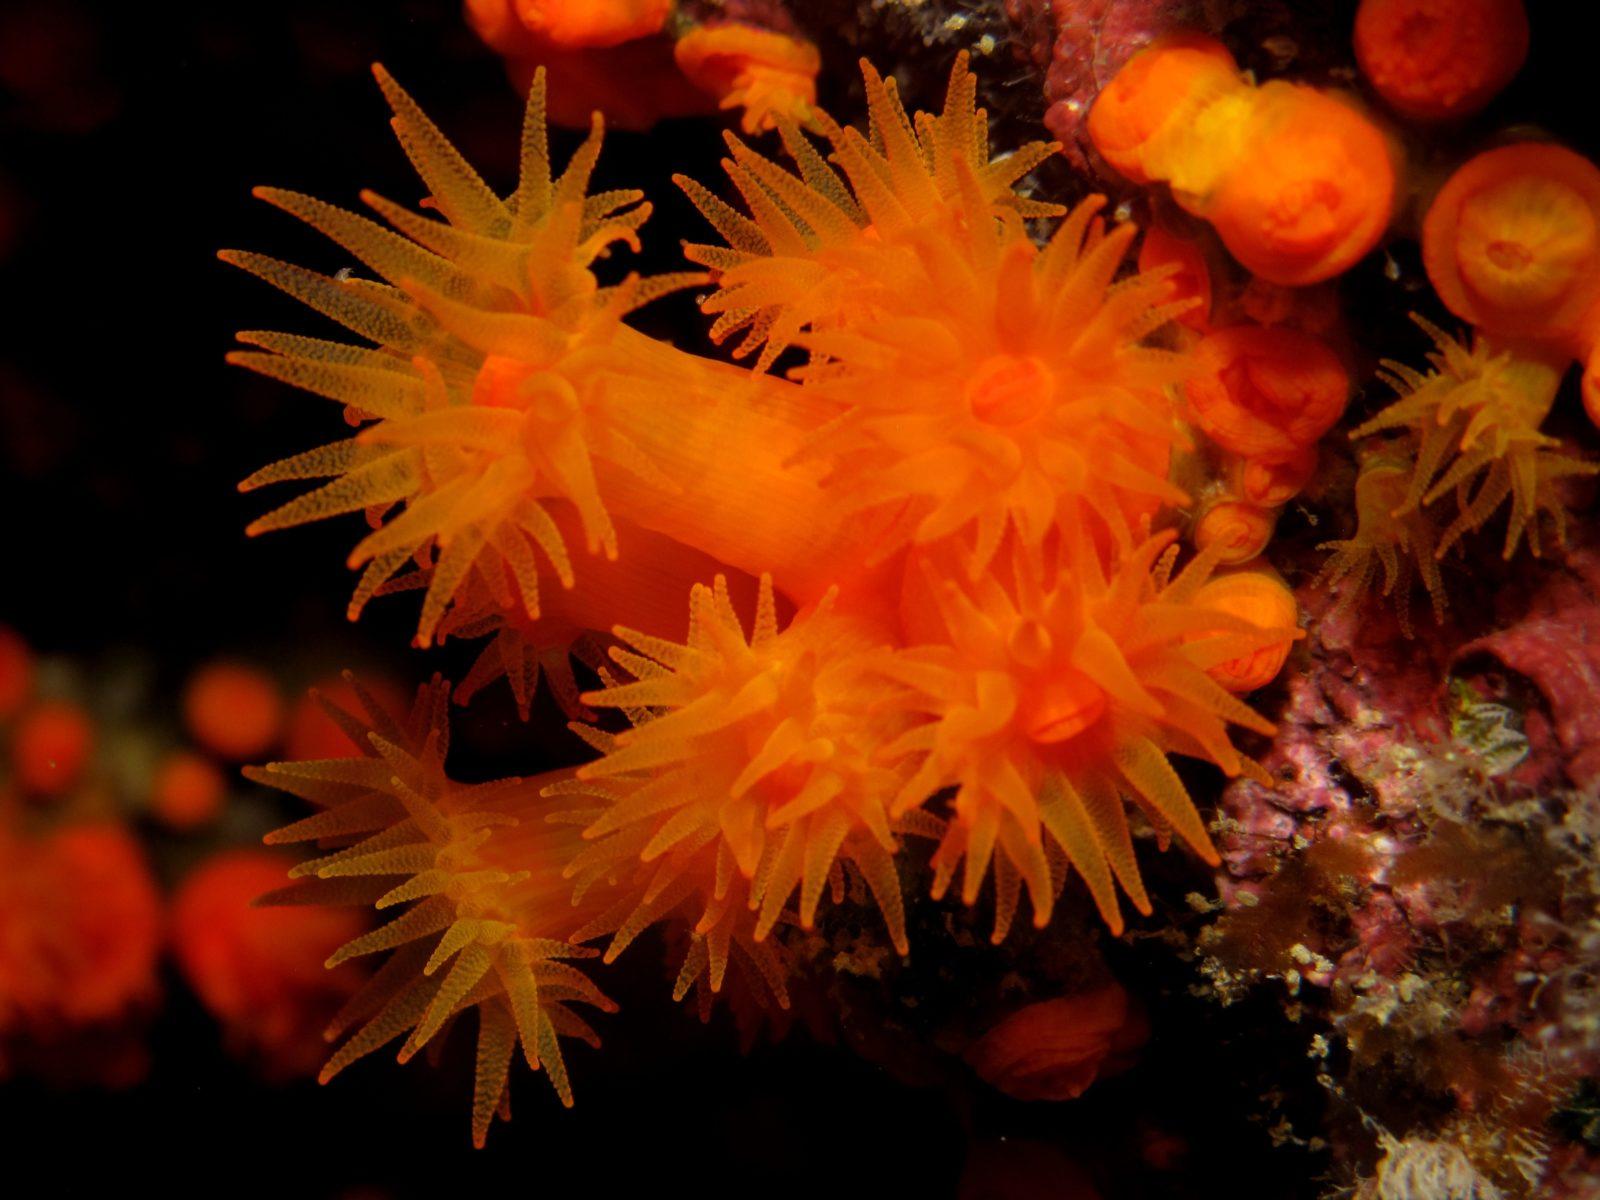 coralli per articolo sulla plastica ingerita dai coralli